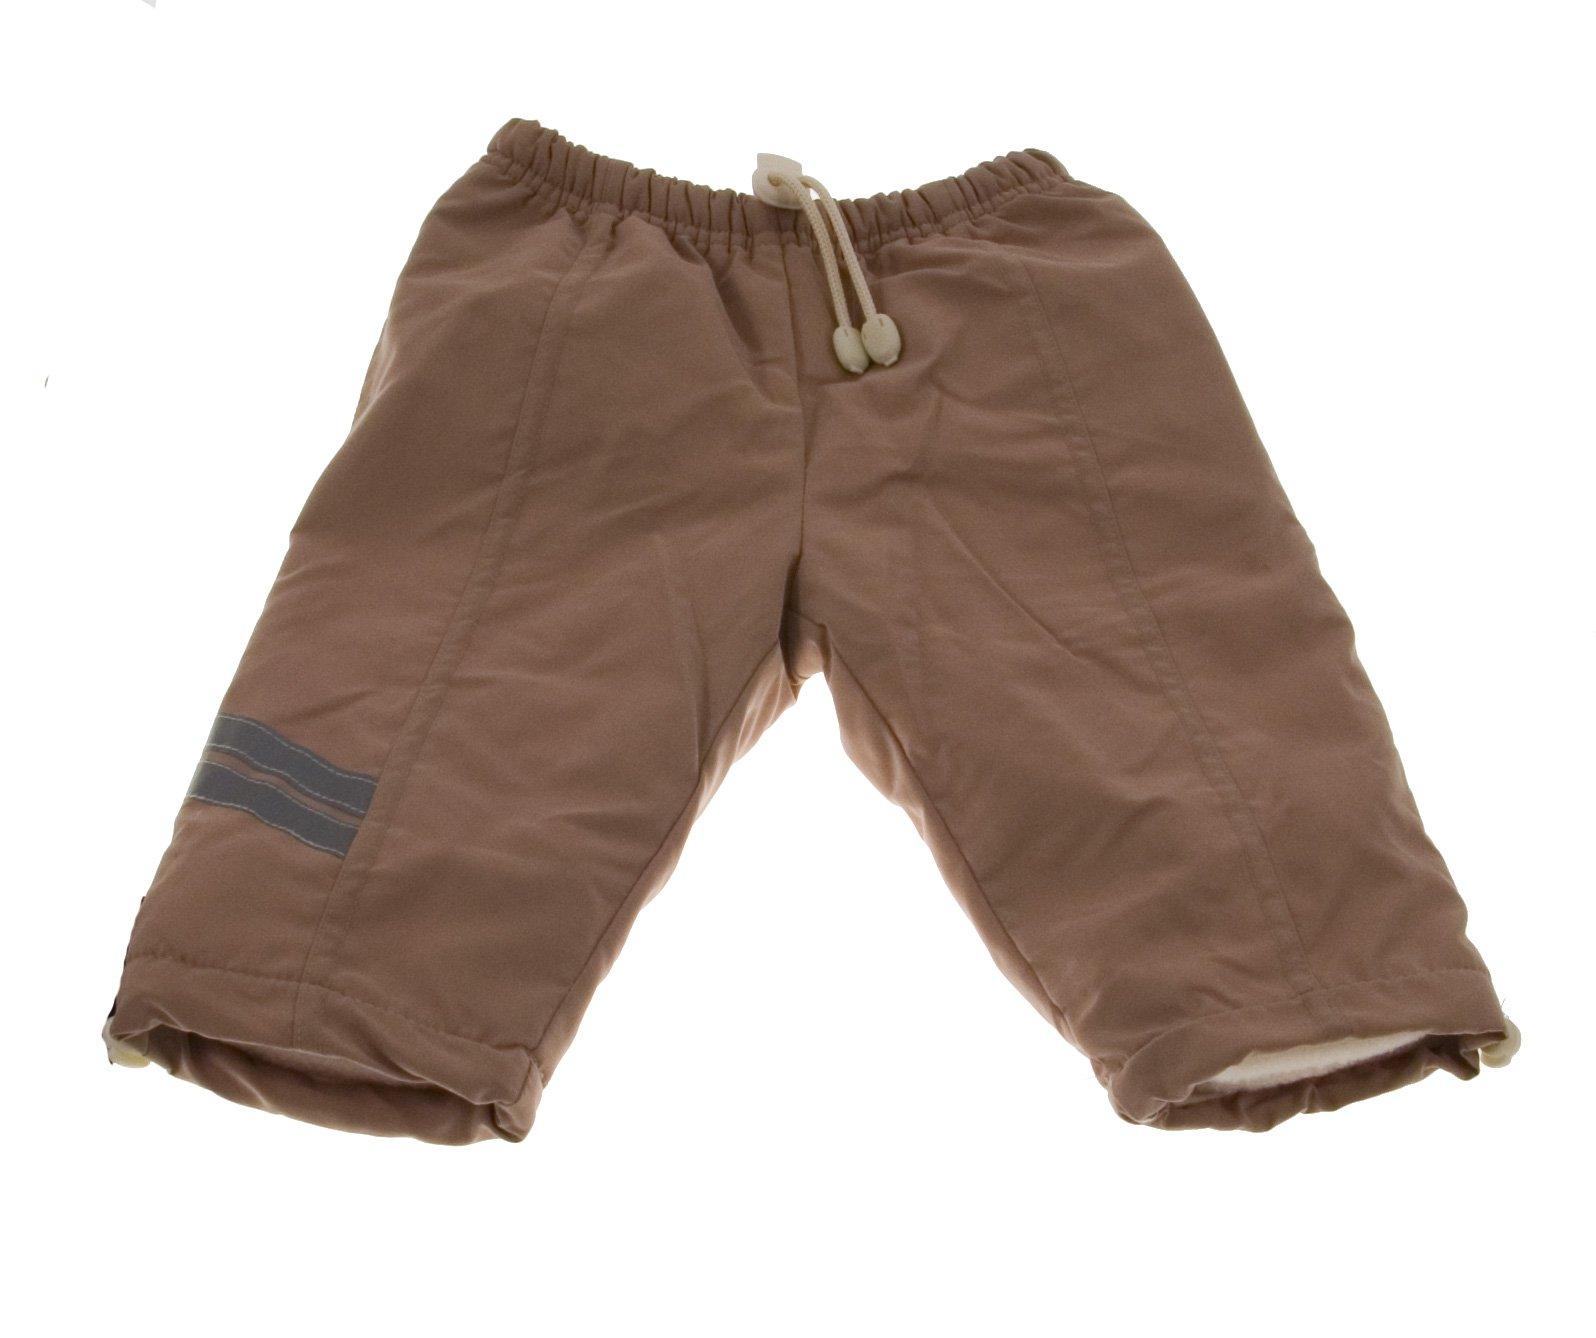 Oteplené kalhoty Mojmír béžové - VÝPRODEJ